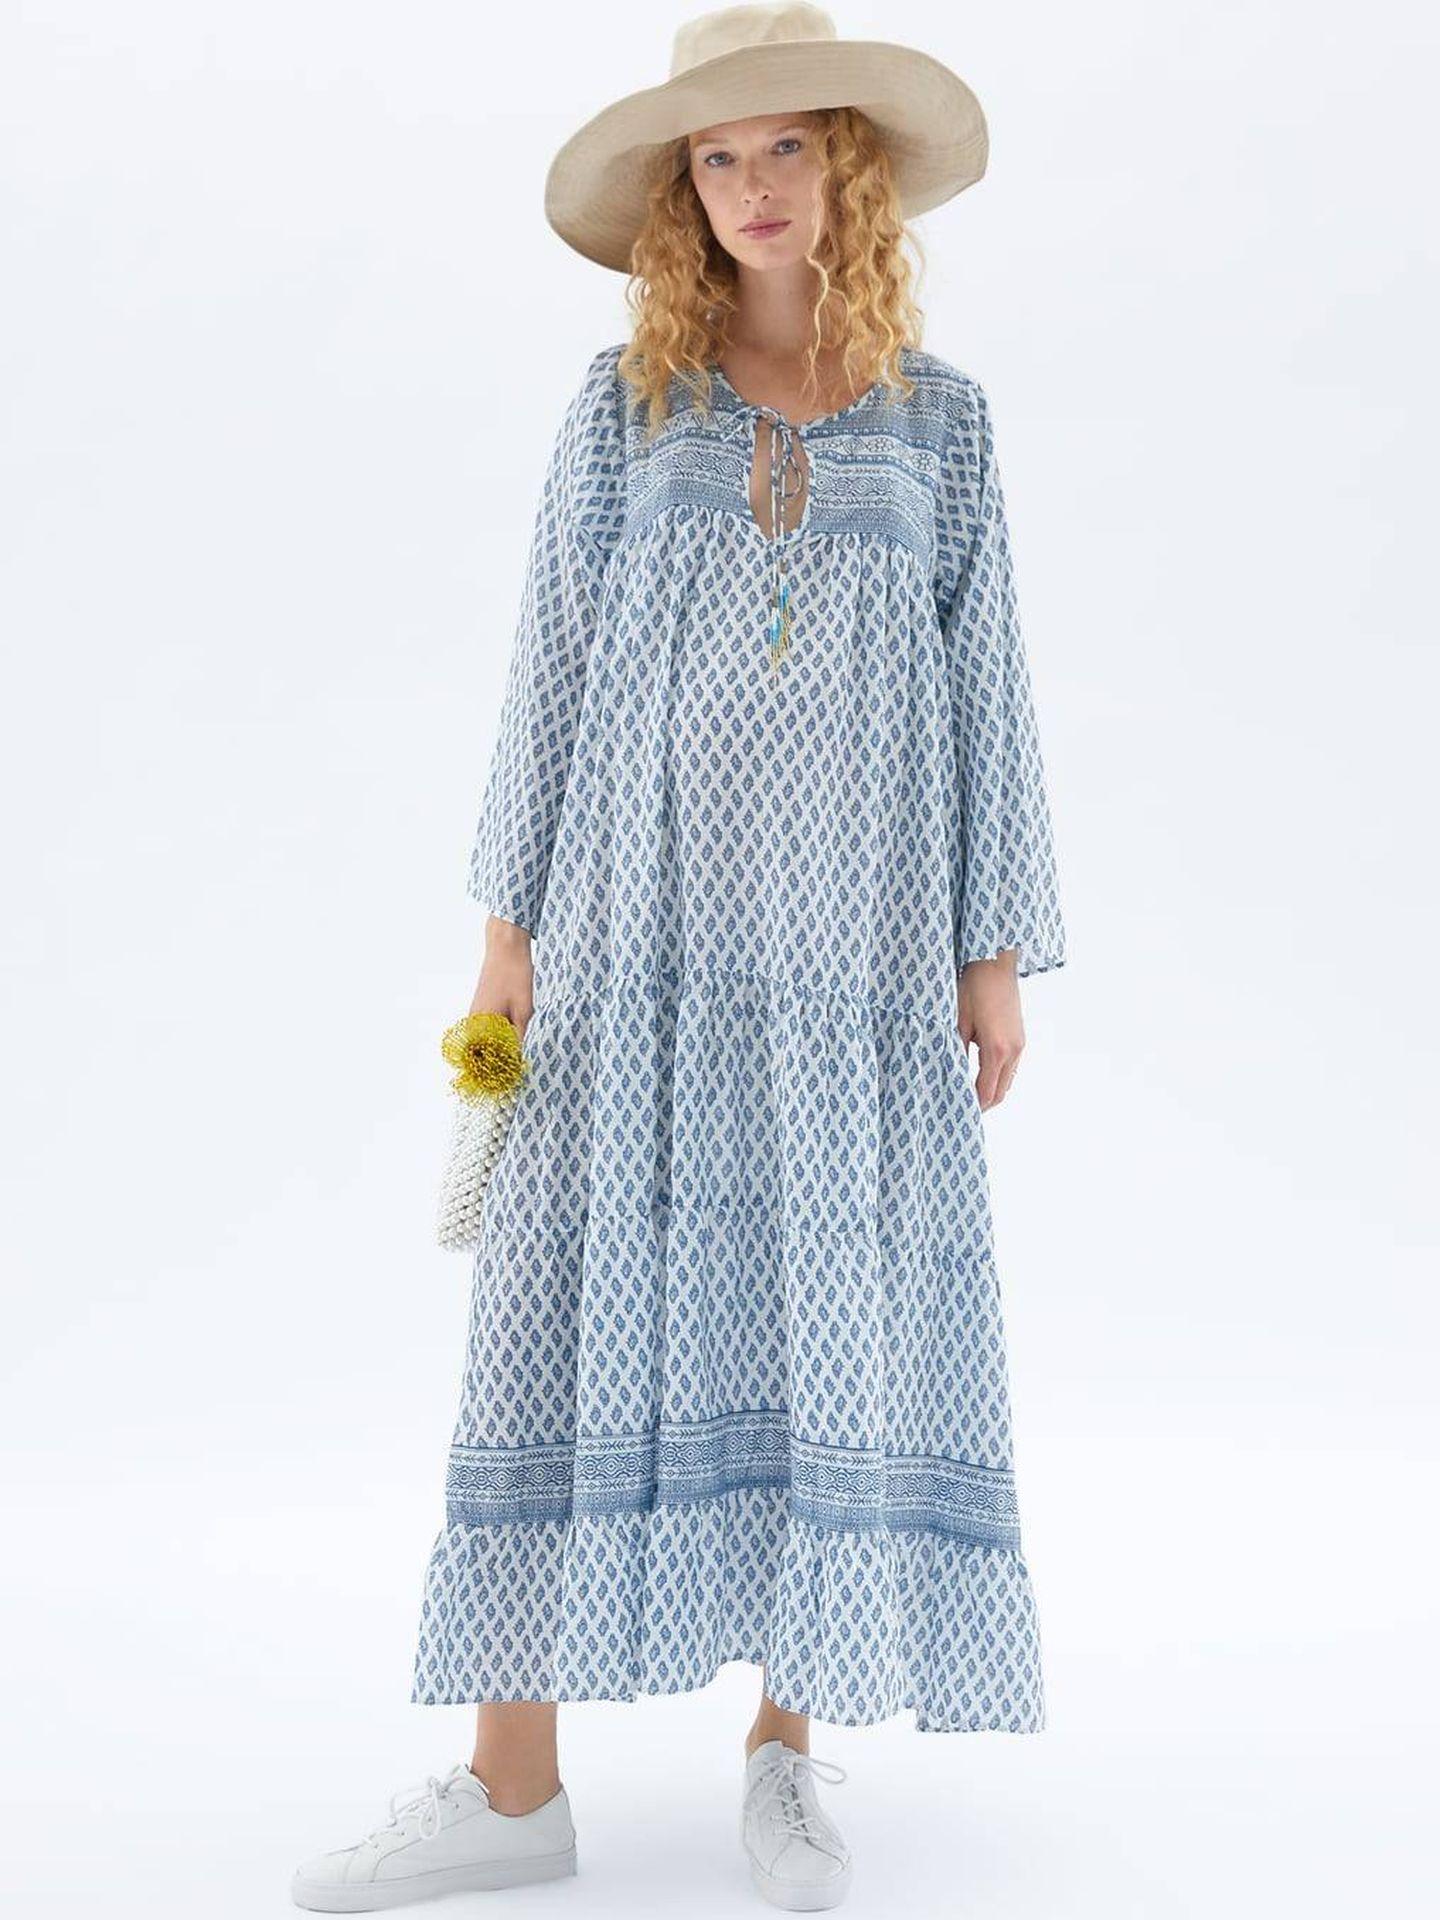 Hemos sentido un auténtico flechazo por este vestido de Zara. (Cortesía)